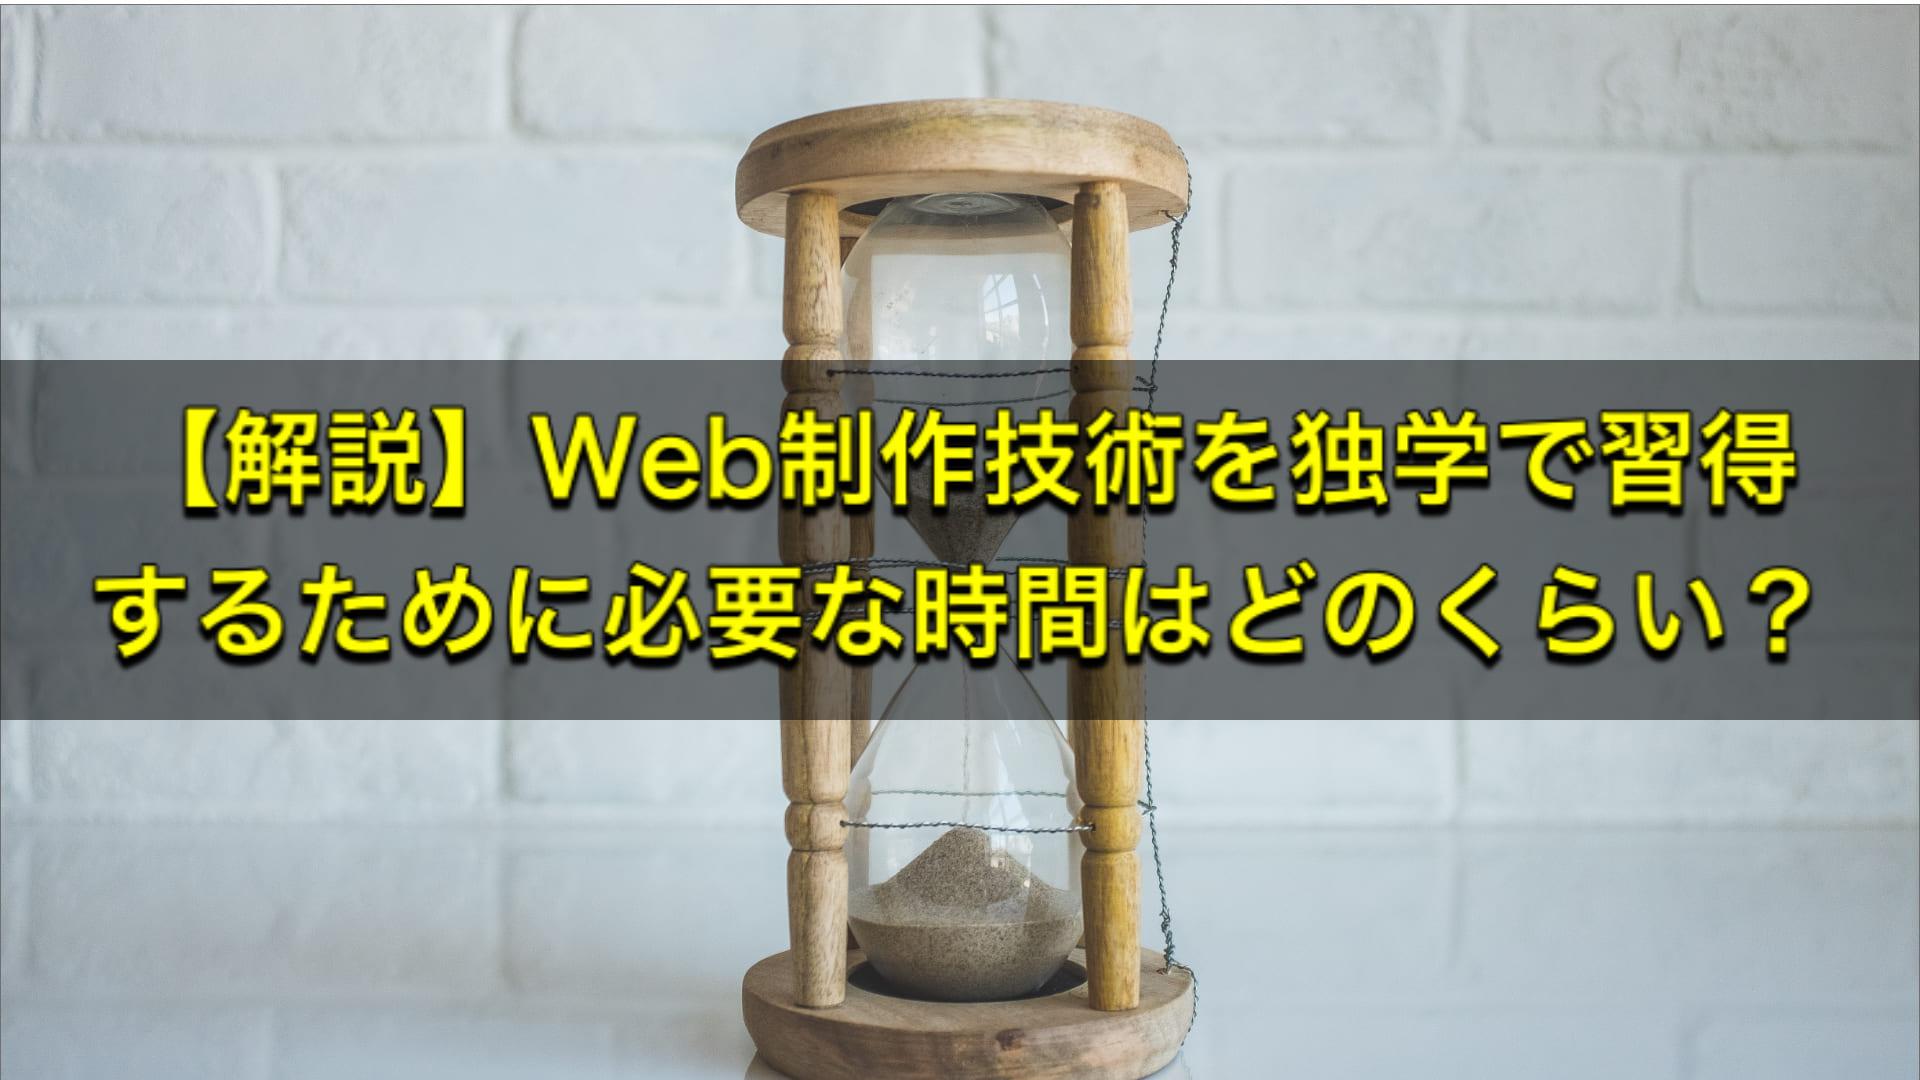 【解説】Web制作技術を独学で習得するために必要な時間はどのくらい?【継続努力が大切です】